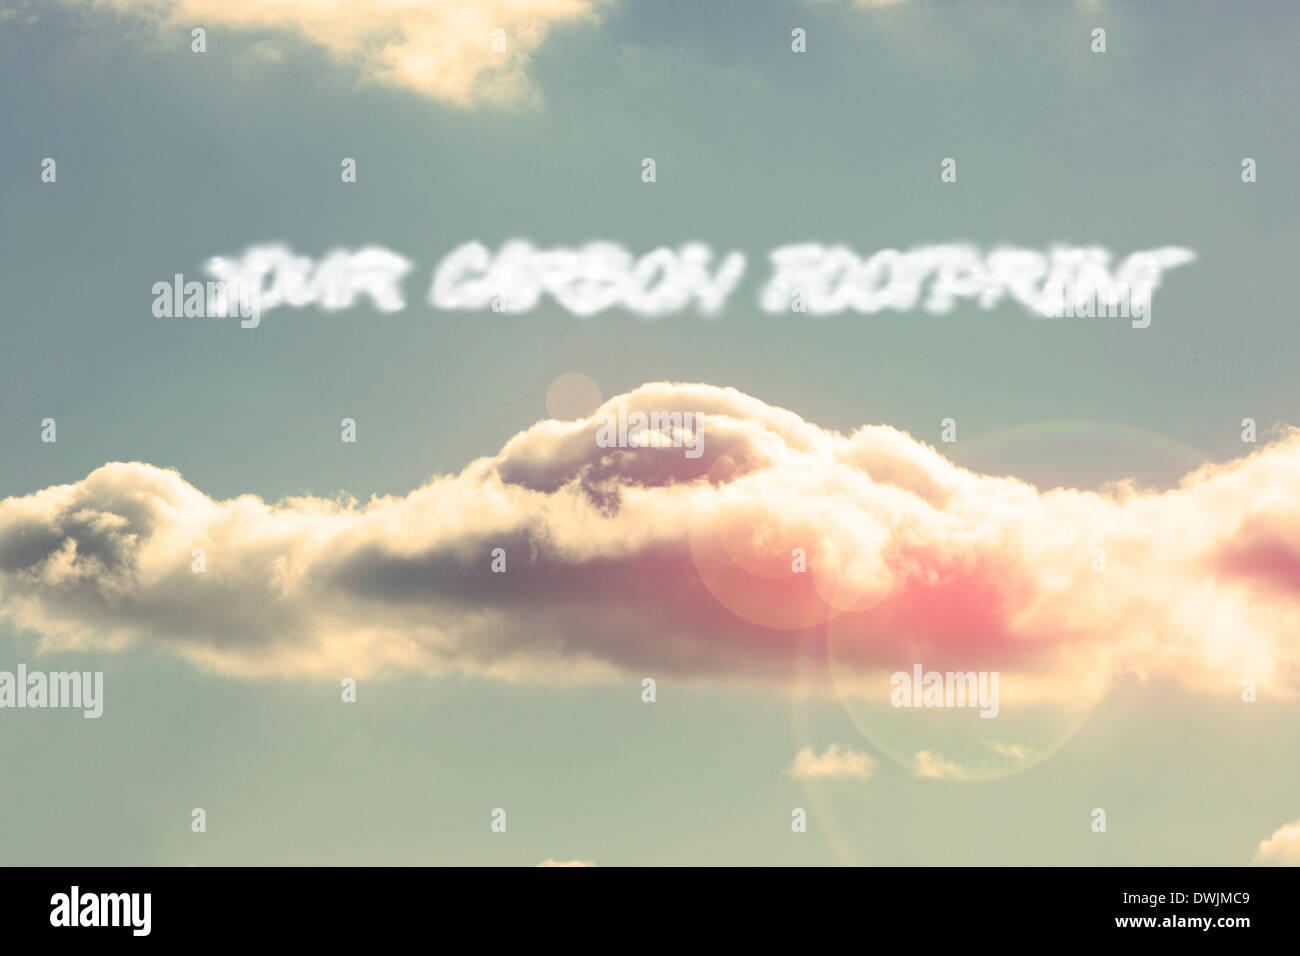 La vostra impronta al carbonio luminoso contro il cielo blu con nuvole Immagini Stock